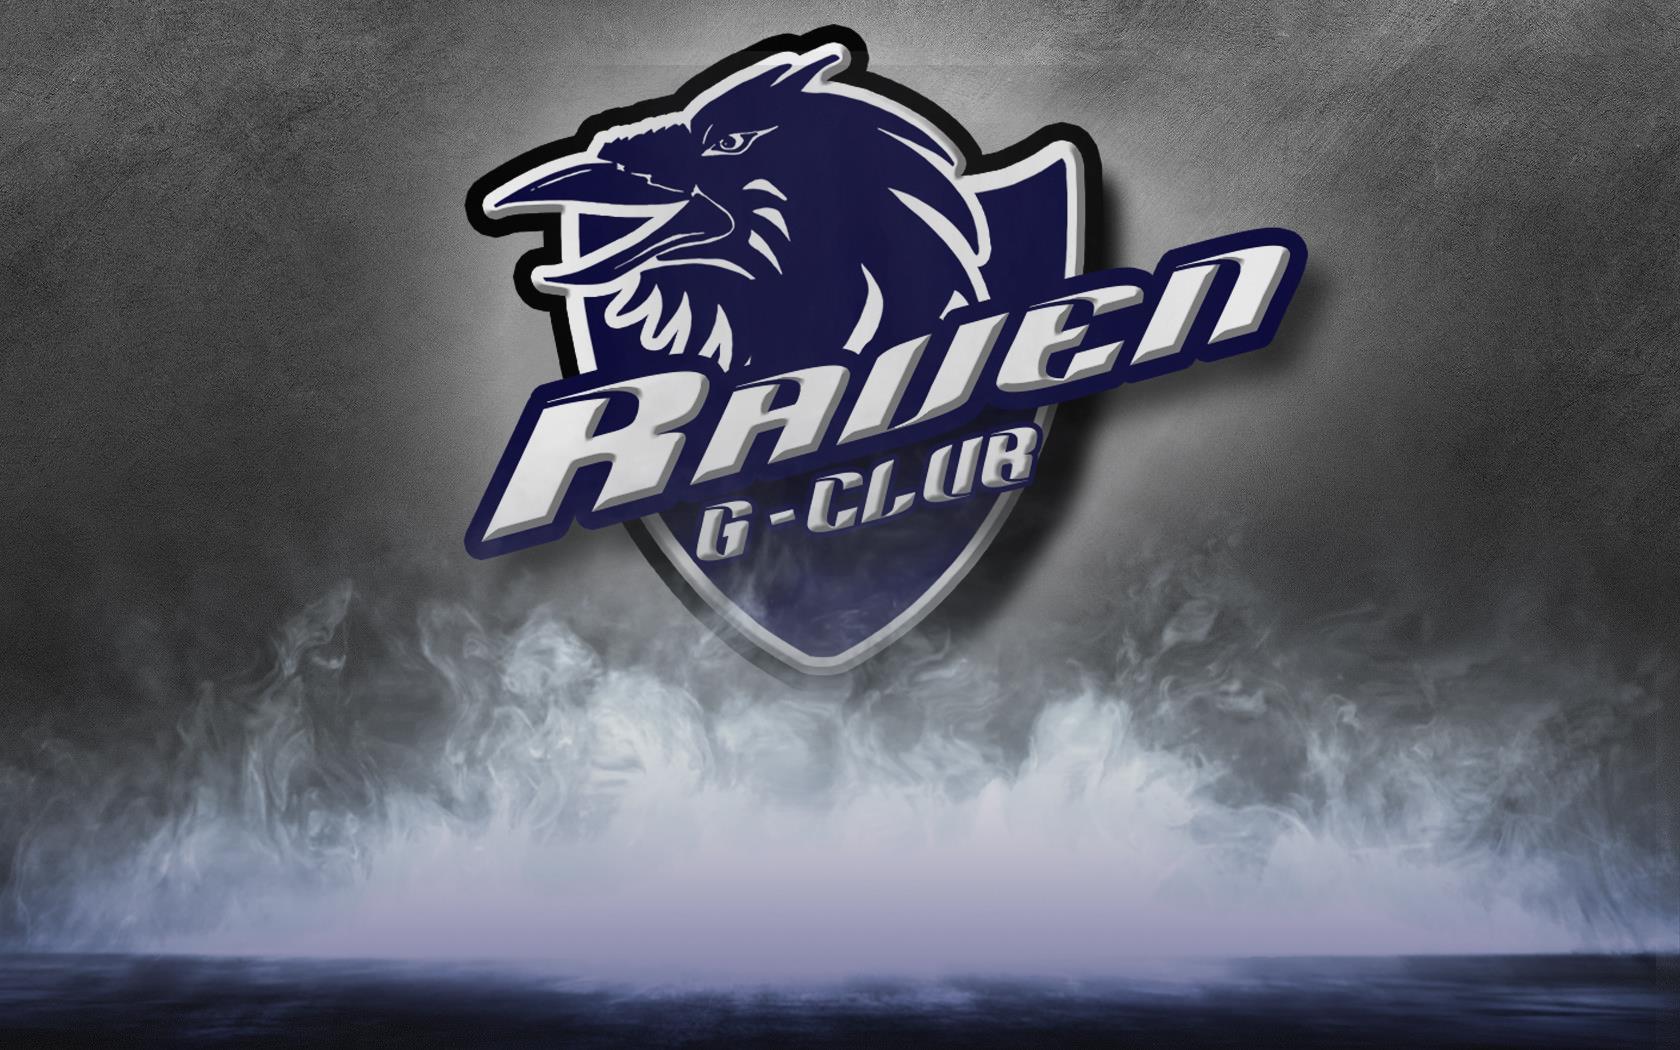 Raven G-Club